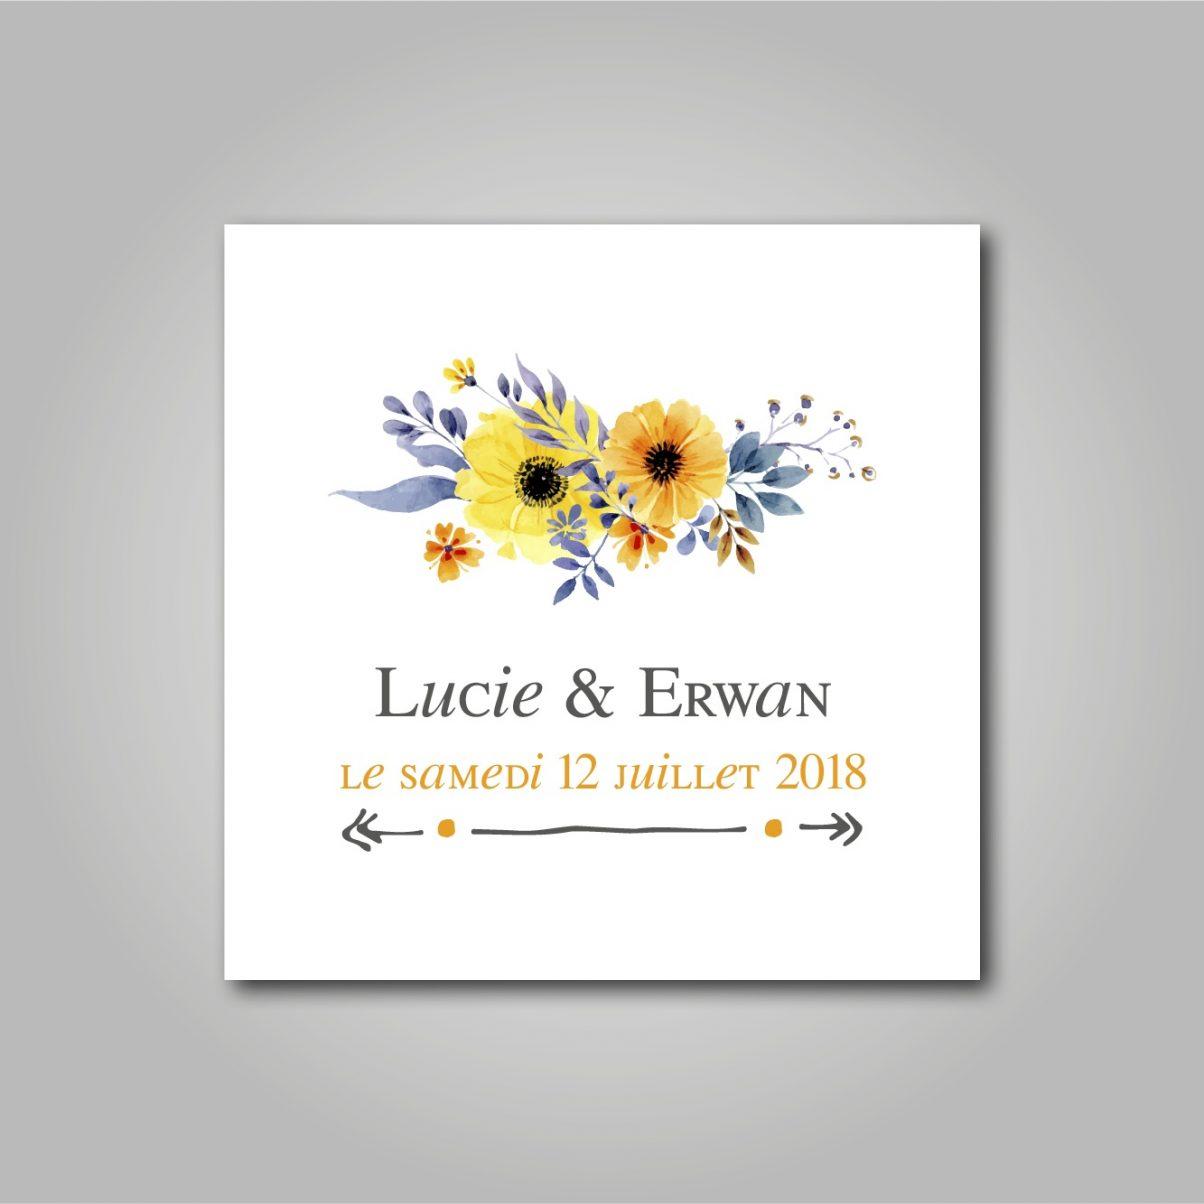 Le logo de mariage de Lucie & Erwan